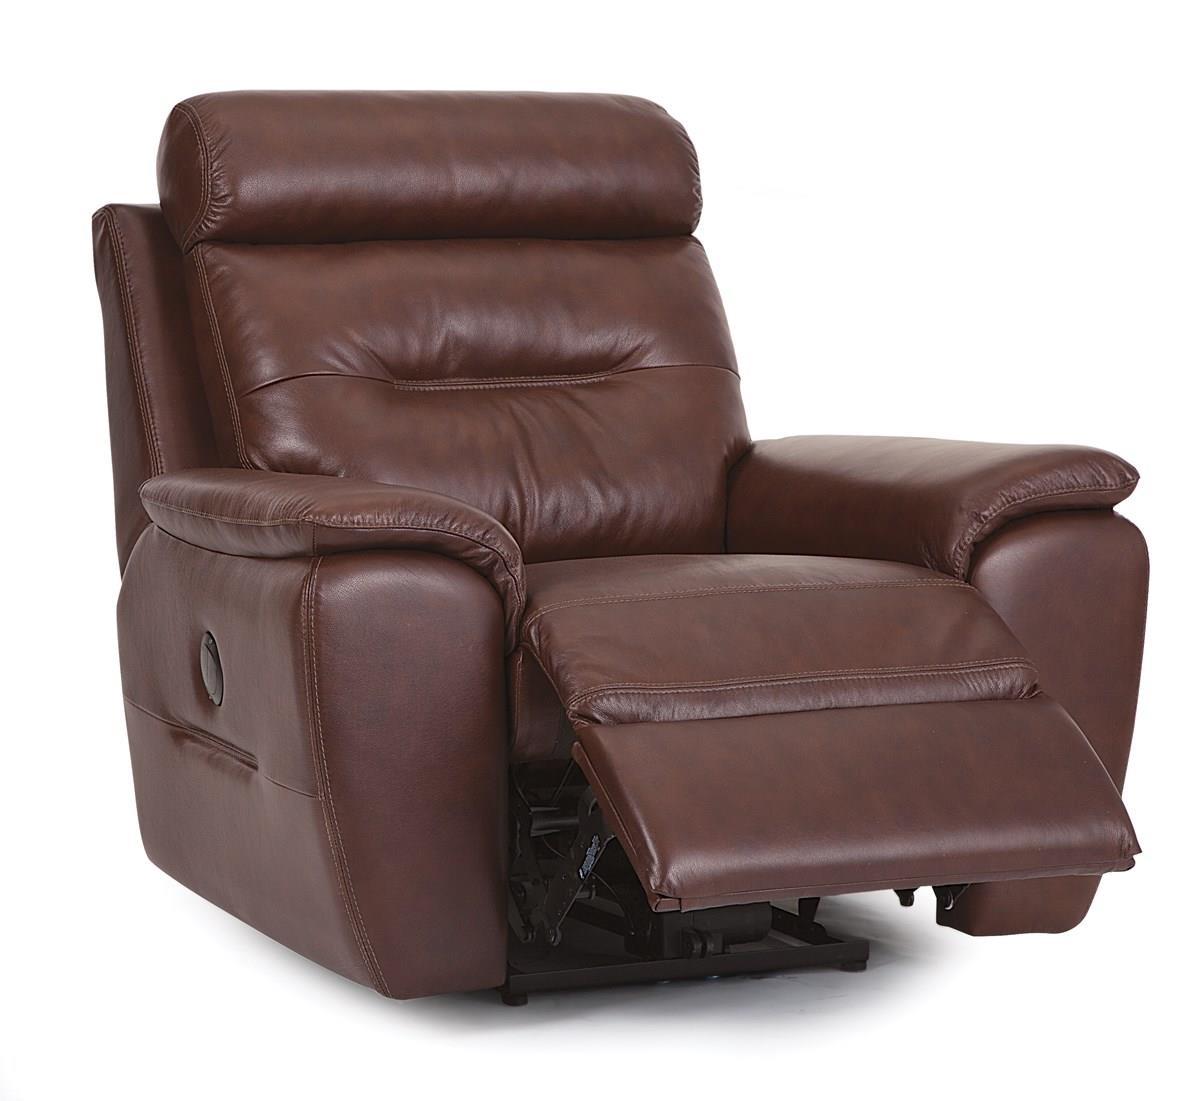 Arlington Wallhugger Power Recliner Chair by Palliser at Mueller Furniture